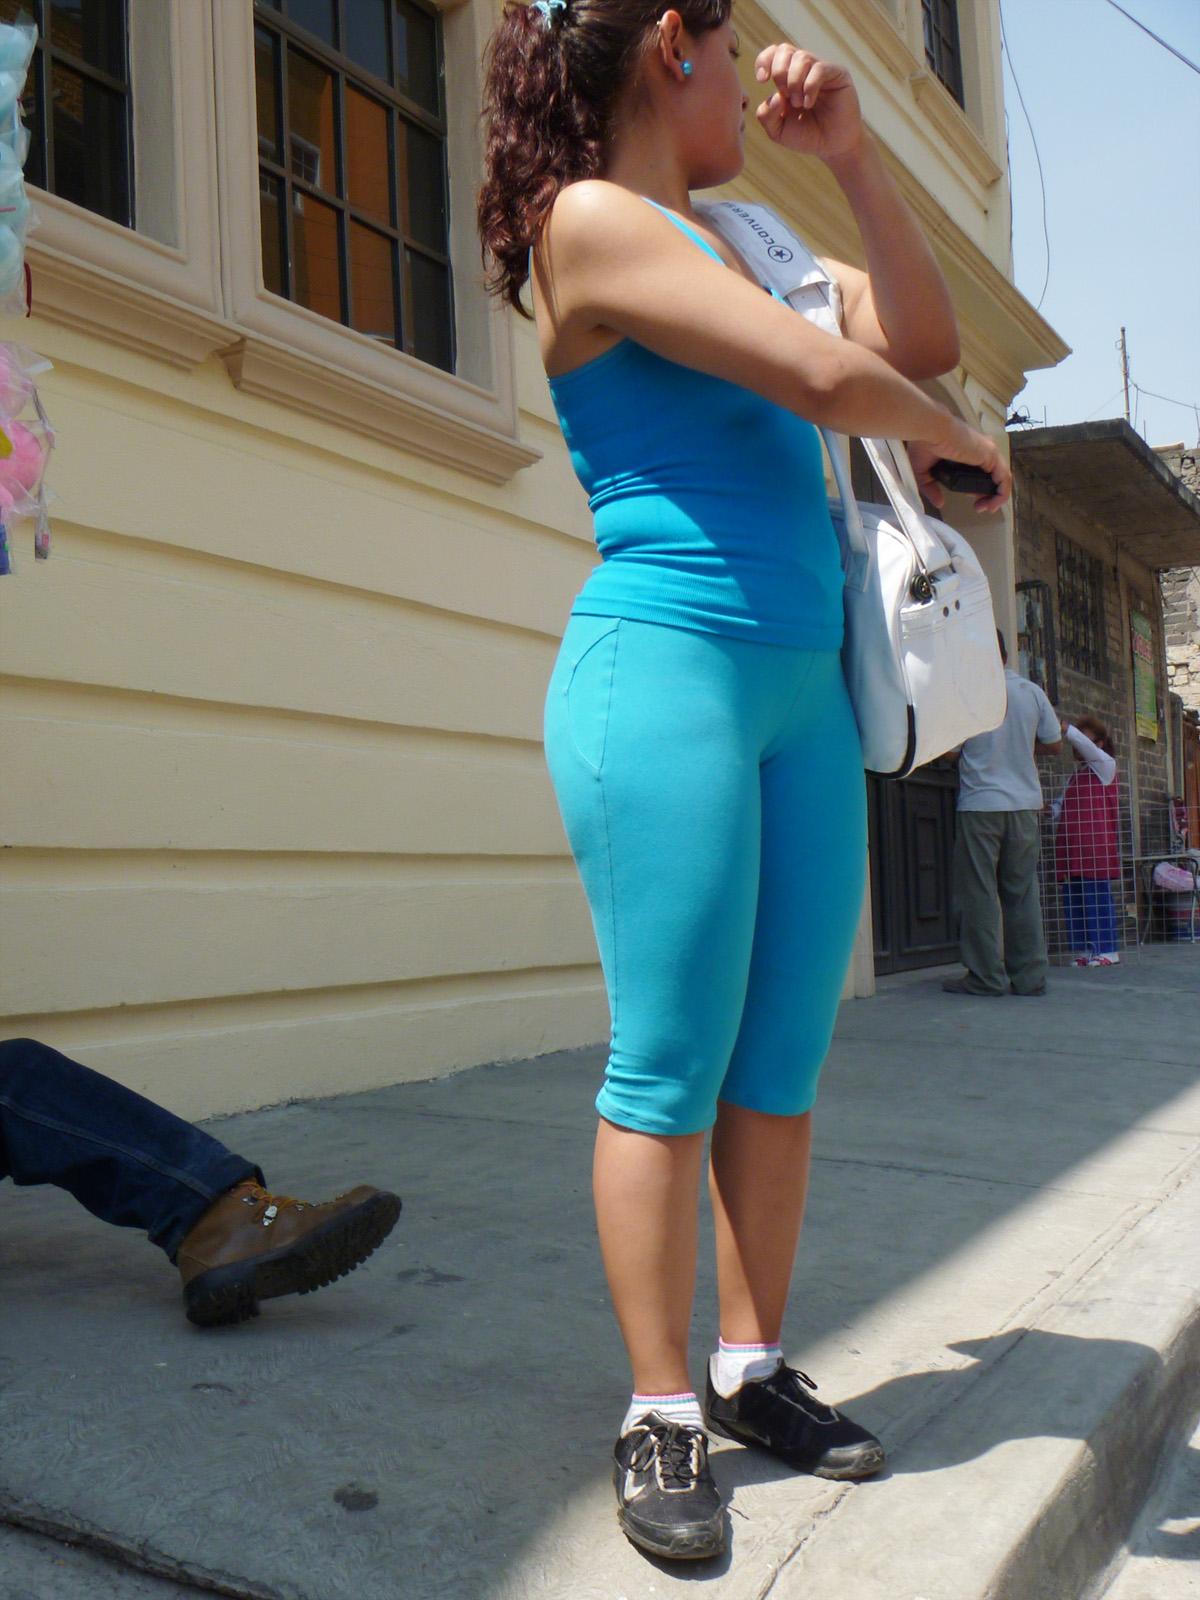 prostitutas en las calles prostitutas menorca